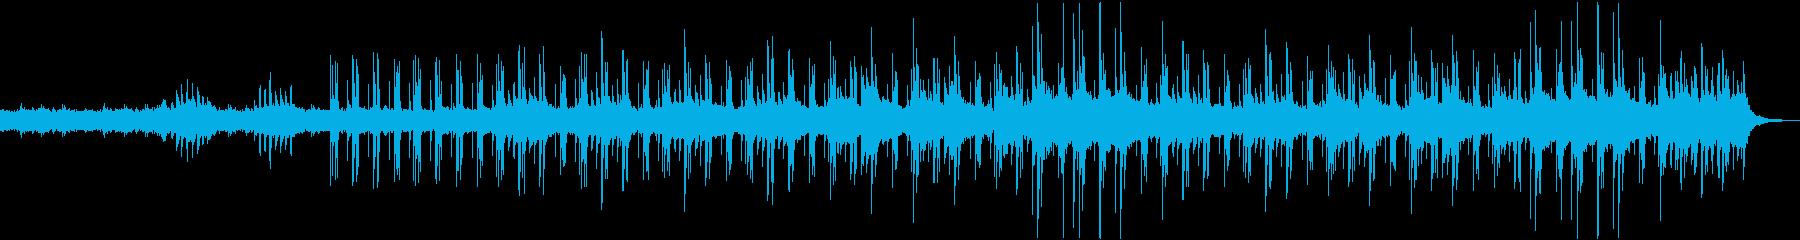 不気味で落ち着きのあるBGMの再生済みの波形